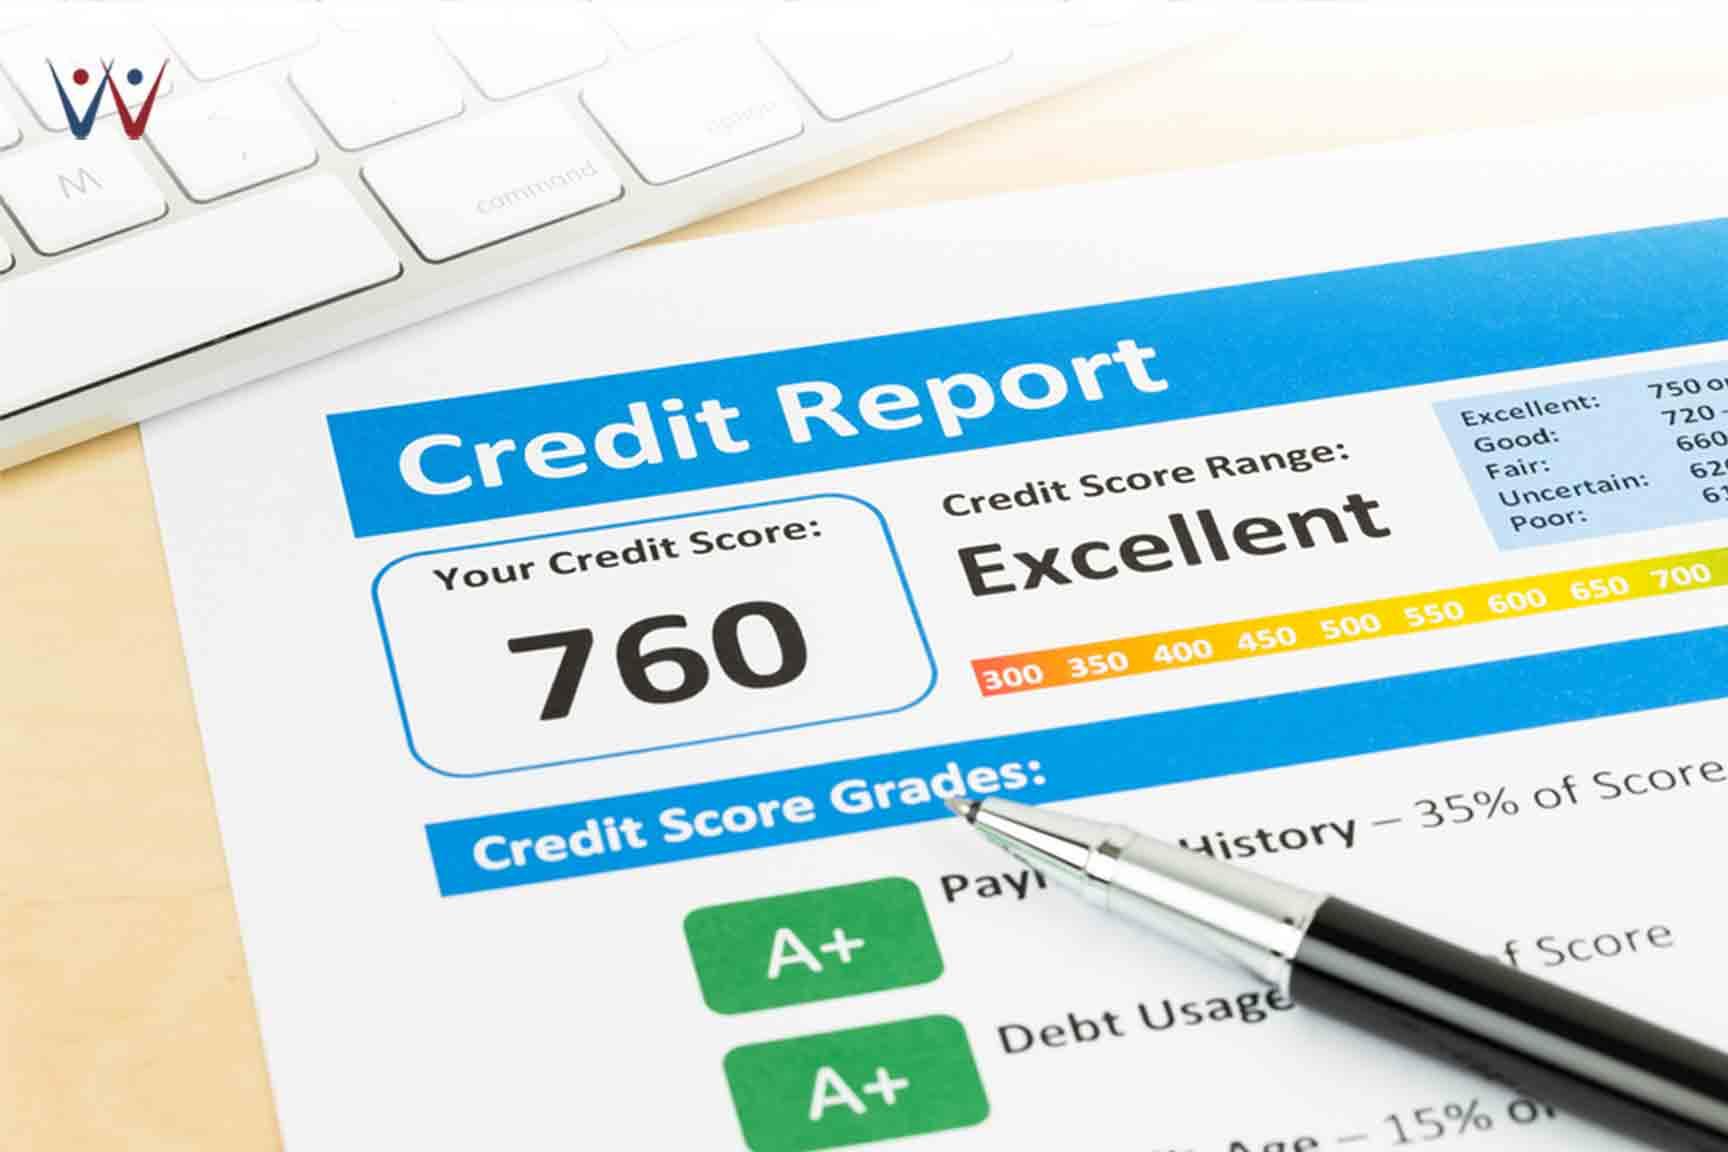 Bagaimana Cara Meningkatkan Credit Score?